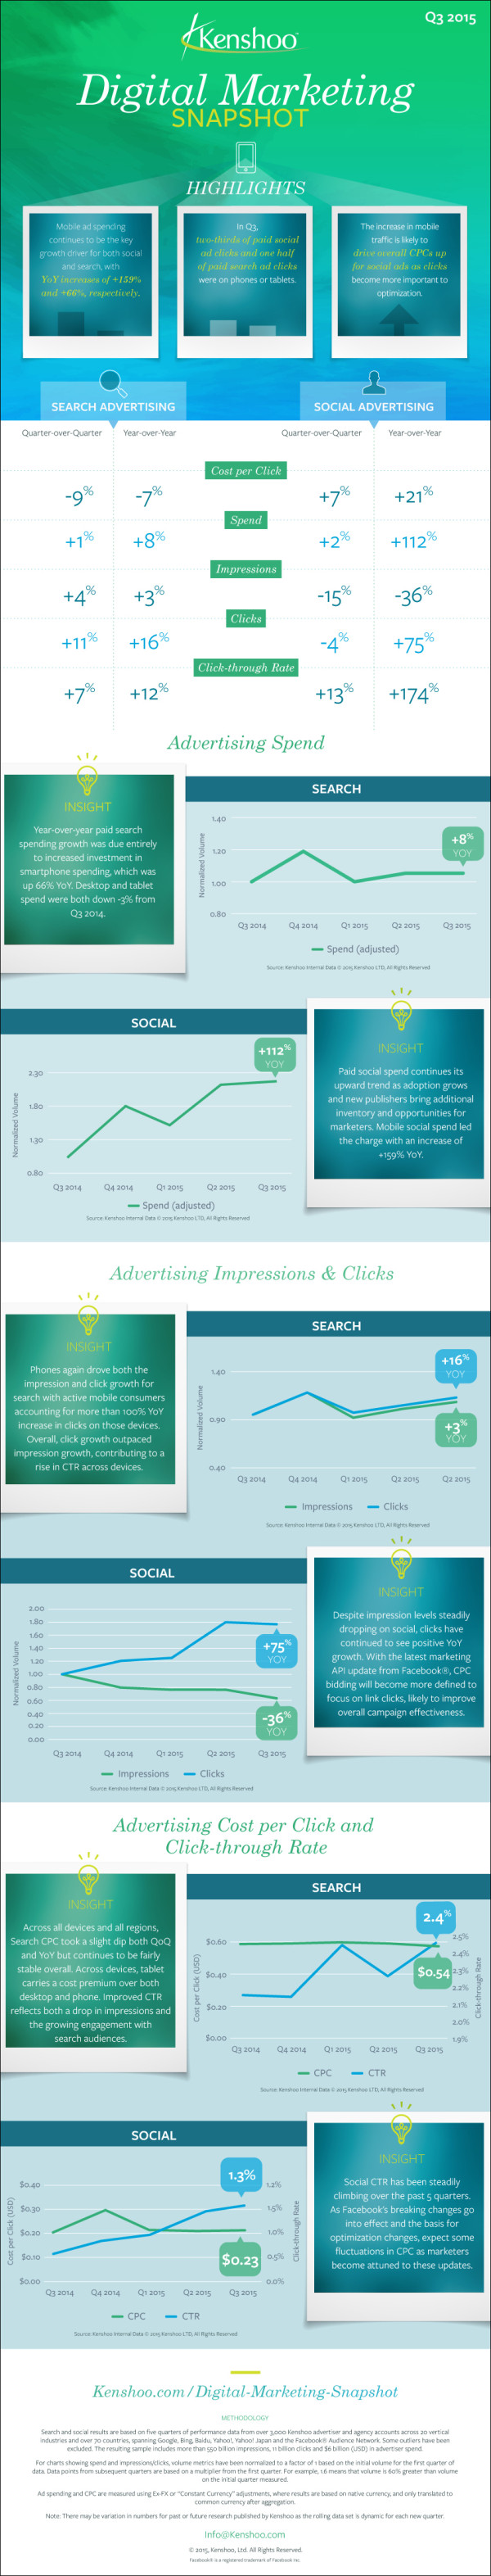 2015-Q3-Digital-Marketing-Trends